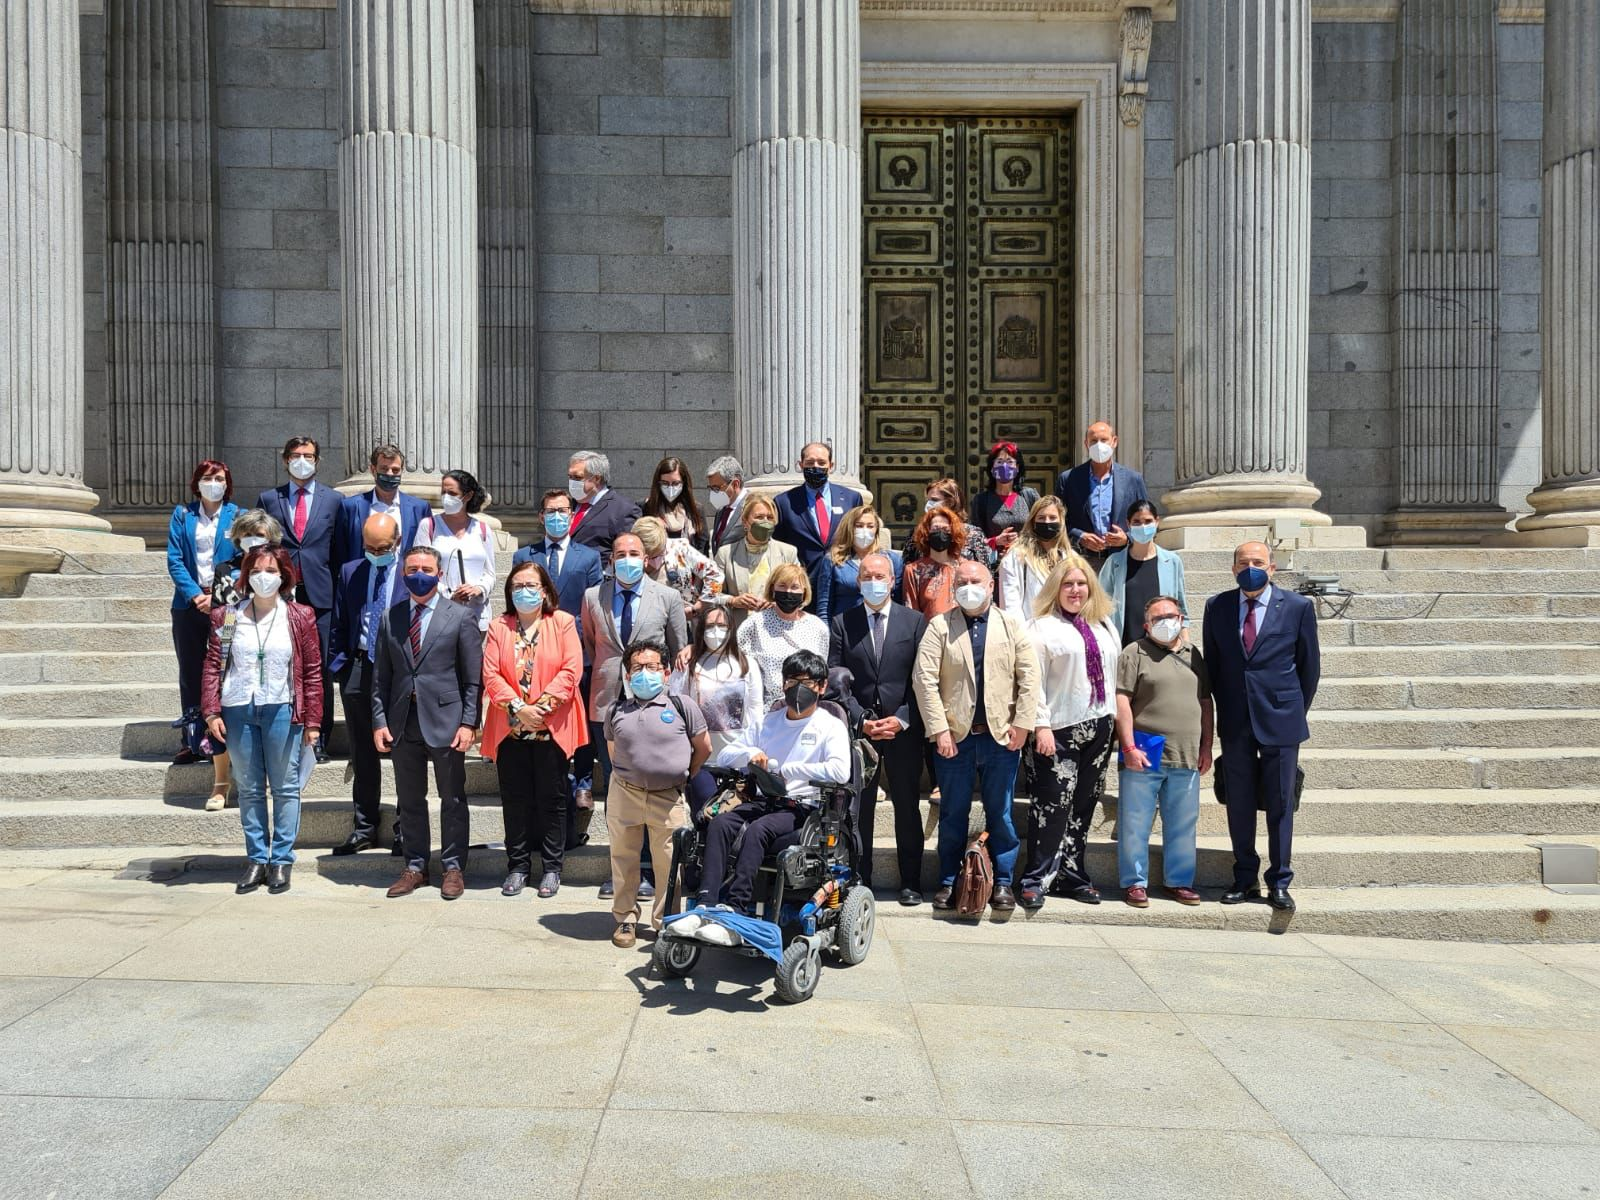 Ir a : Las reforma de las leyes civiles permiten a cientos de miles de personas con discapacidad recuperar derechos negados